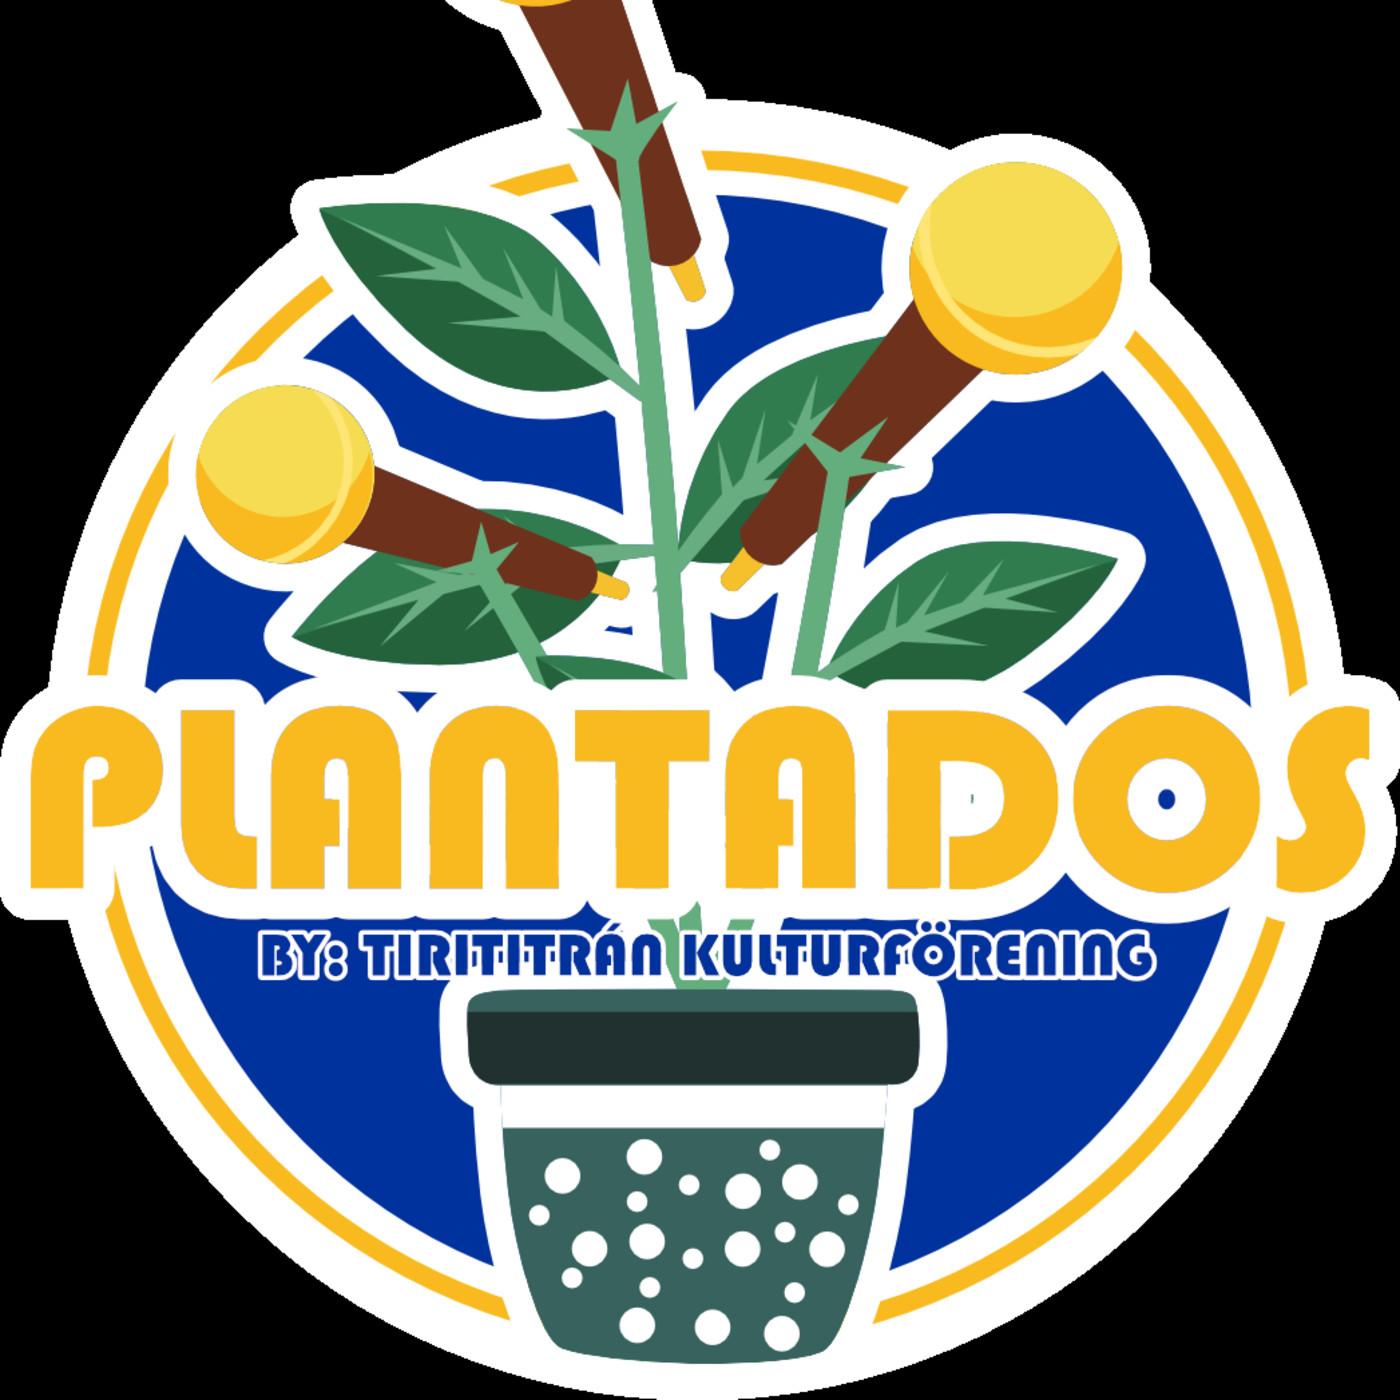 Plantados